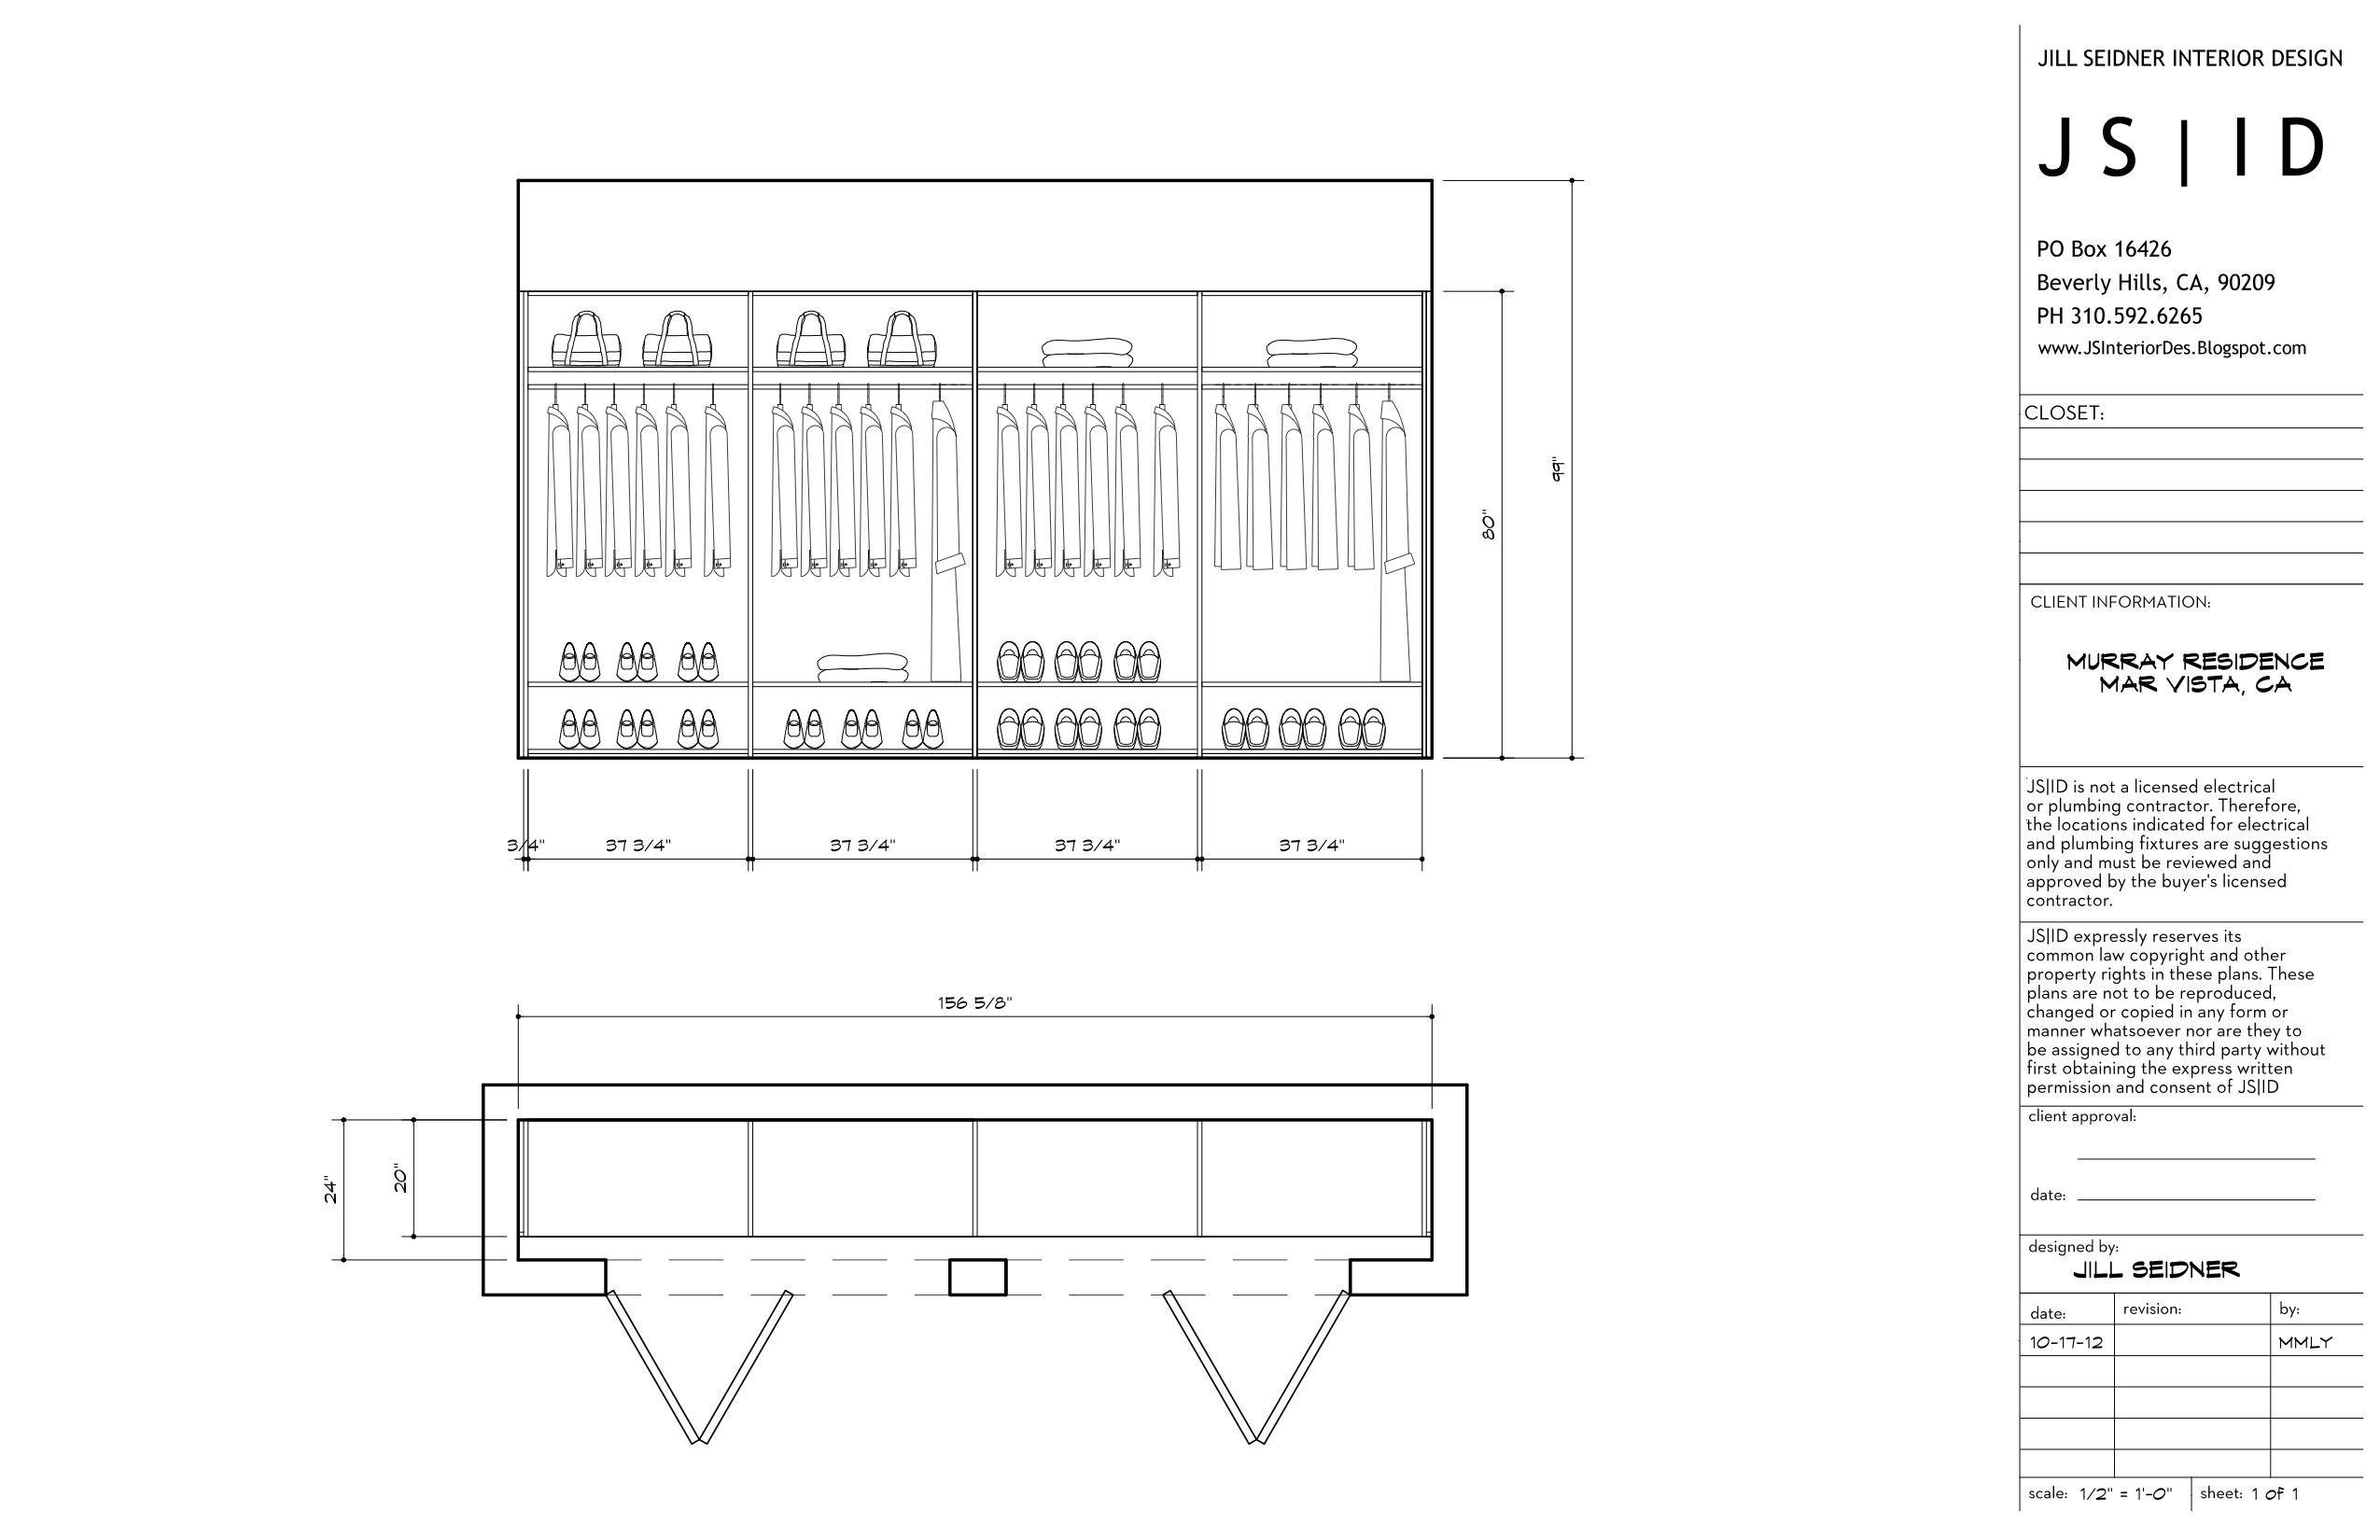 Bedroom Plan Elevation : Mar vista ca residence custom master bedroom closet plan